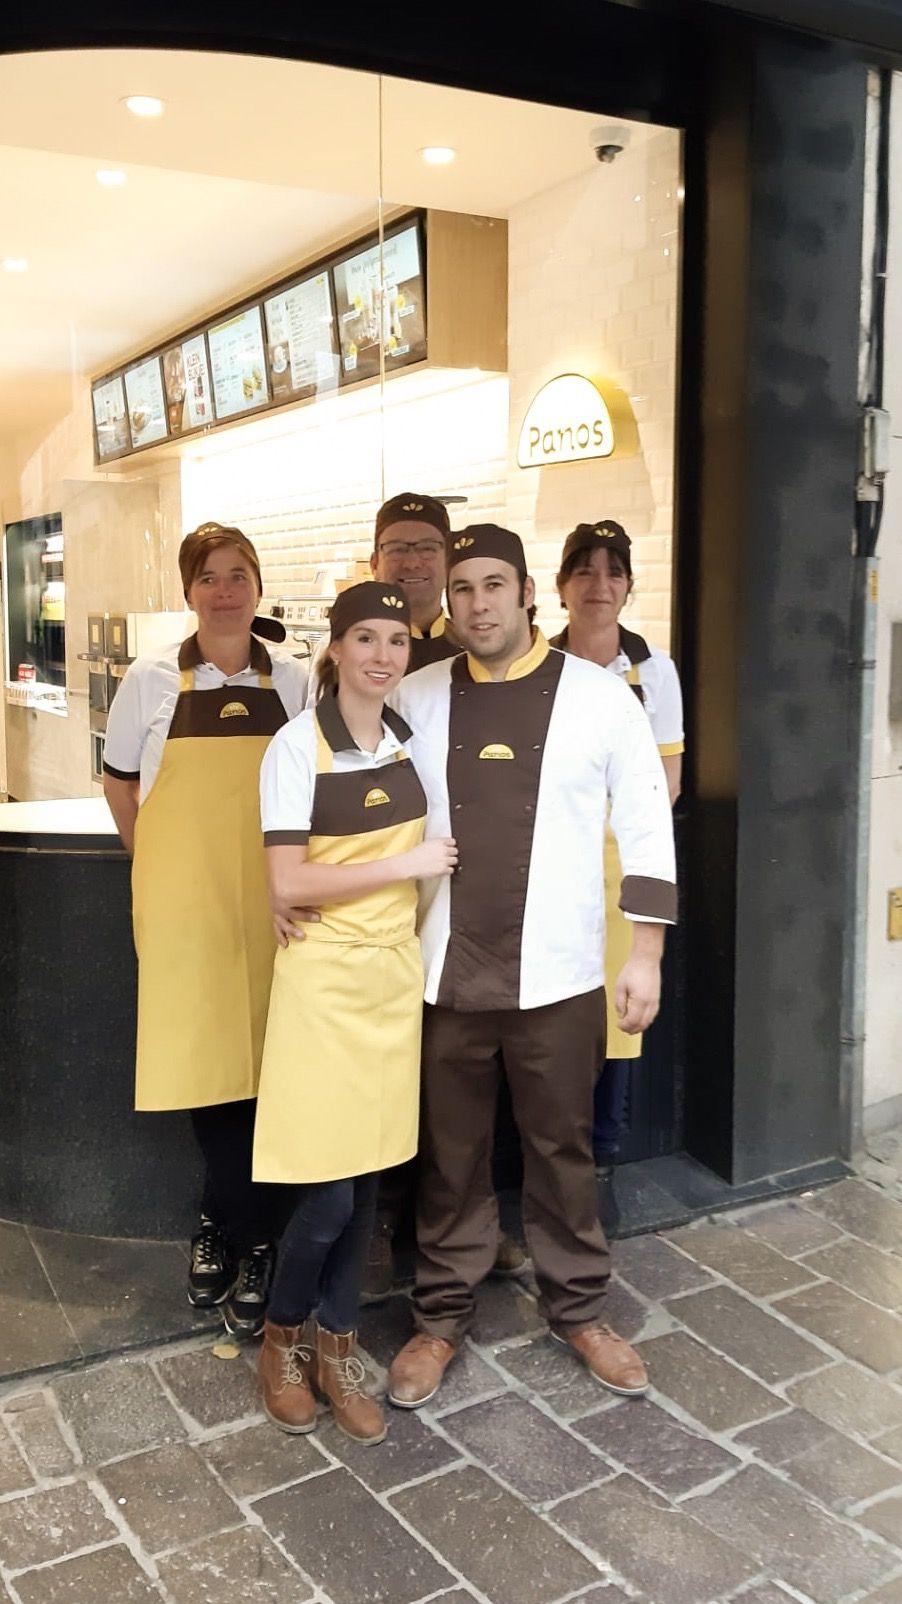 Pieter Saron, Kimberly Lefevere en hun team voor de nieuwe Panos-winkel in de  Zuidzandstraat.